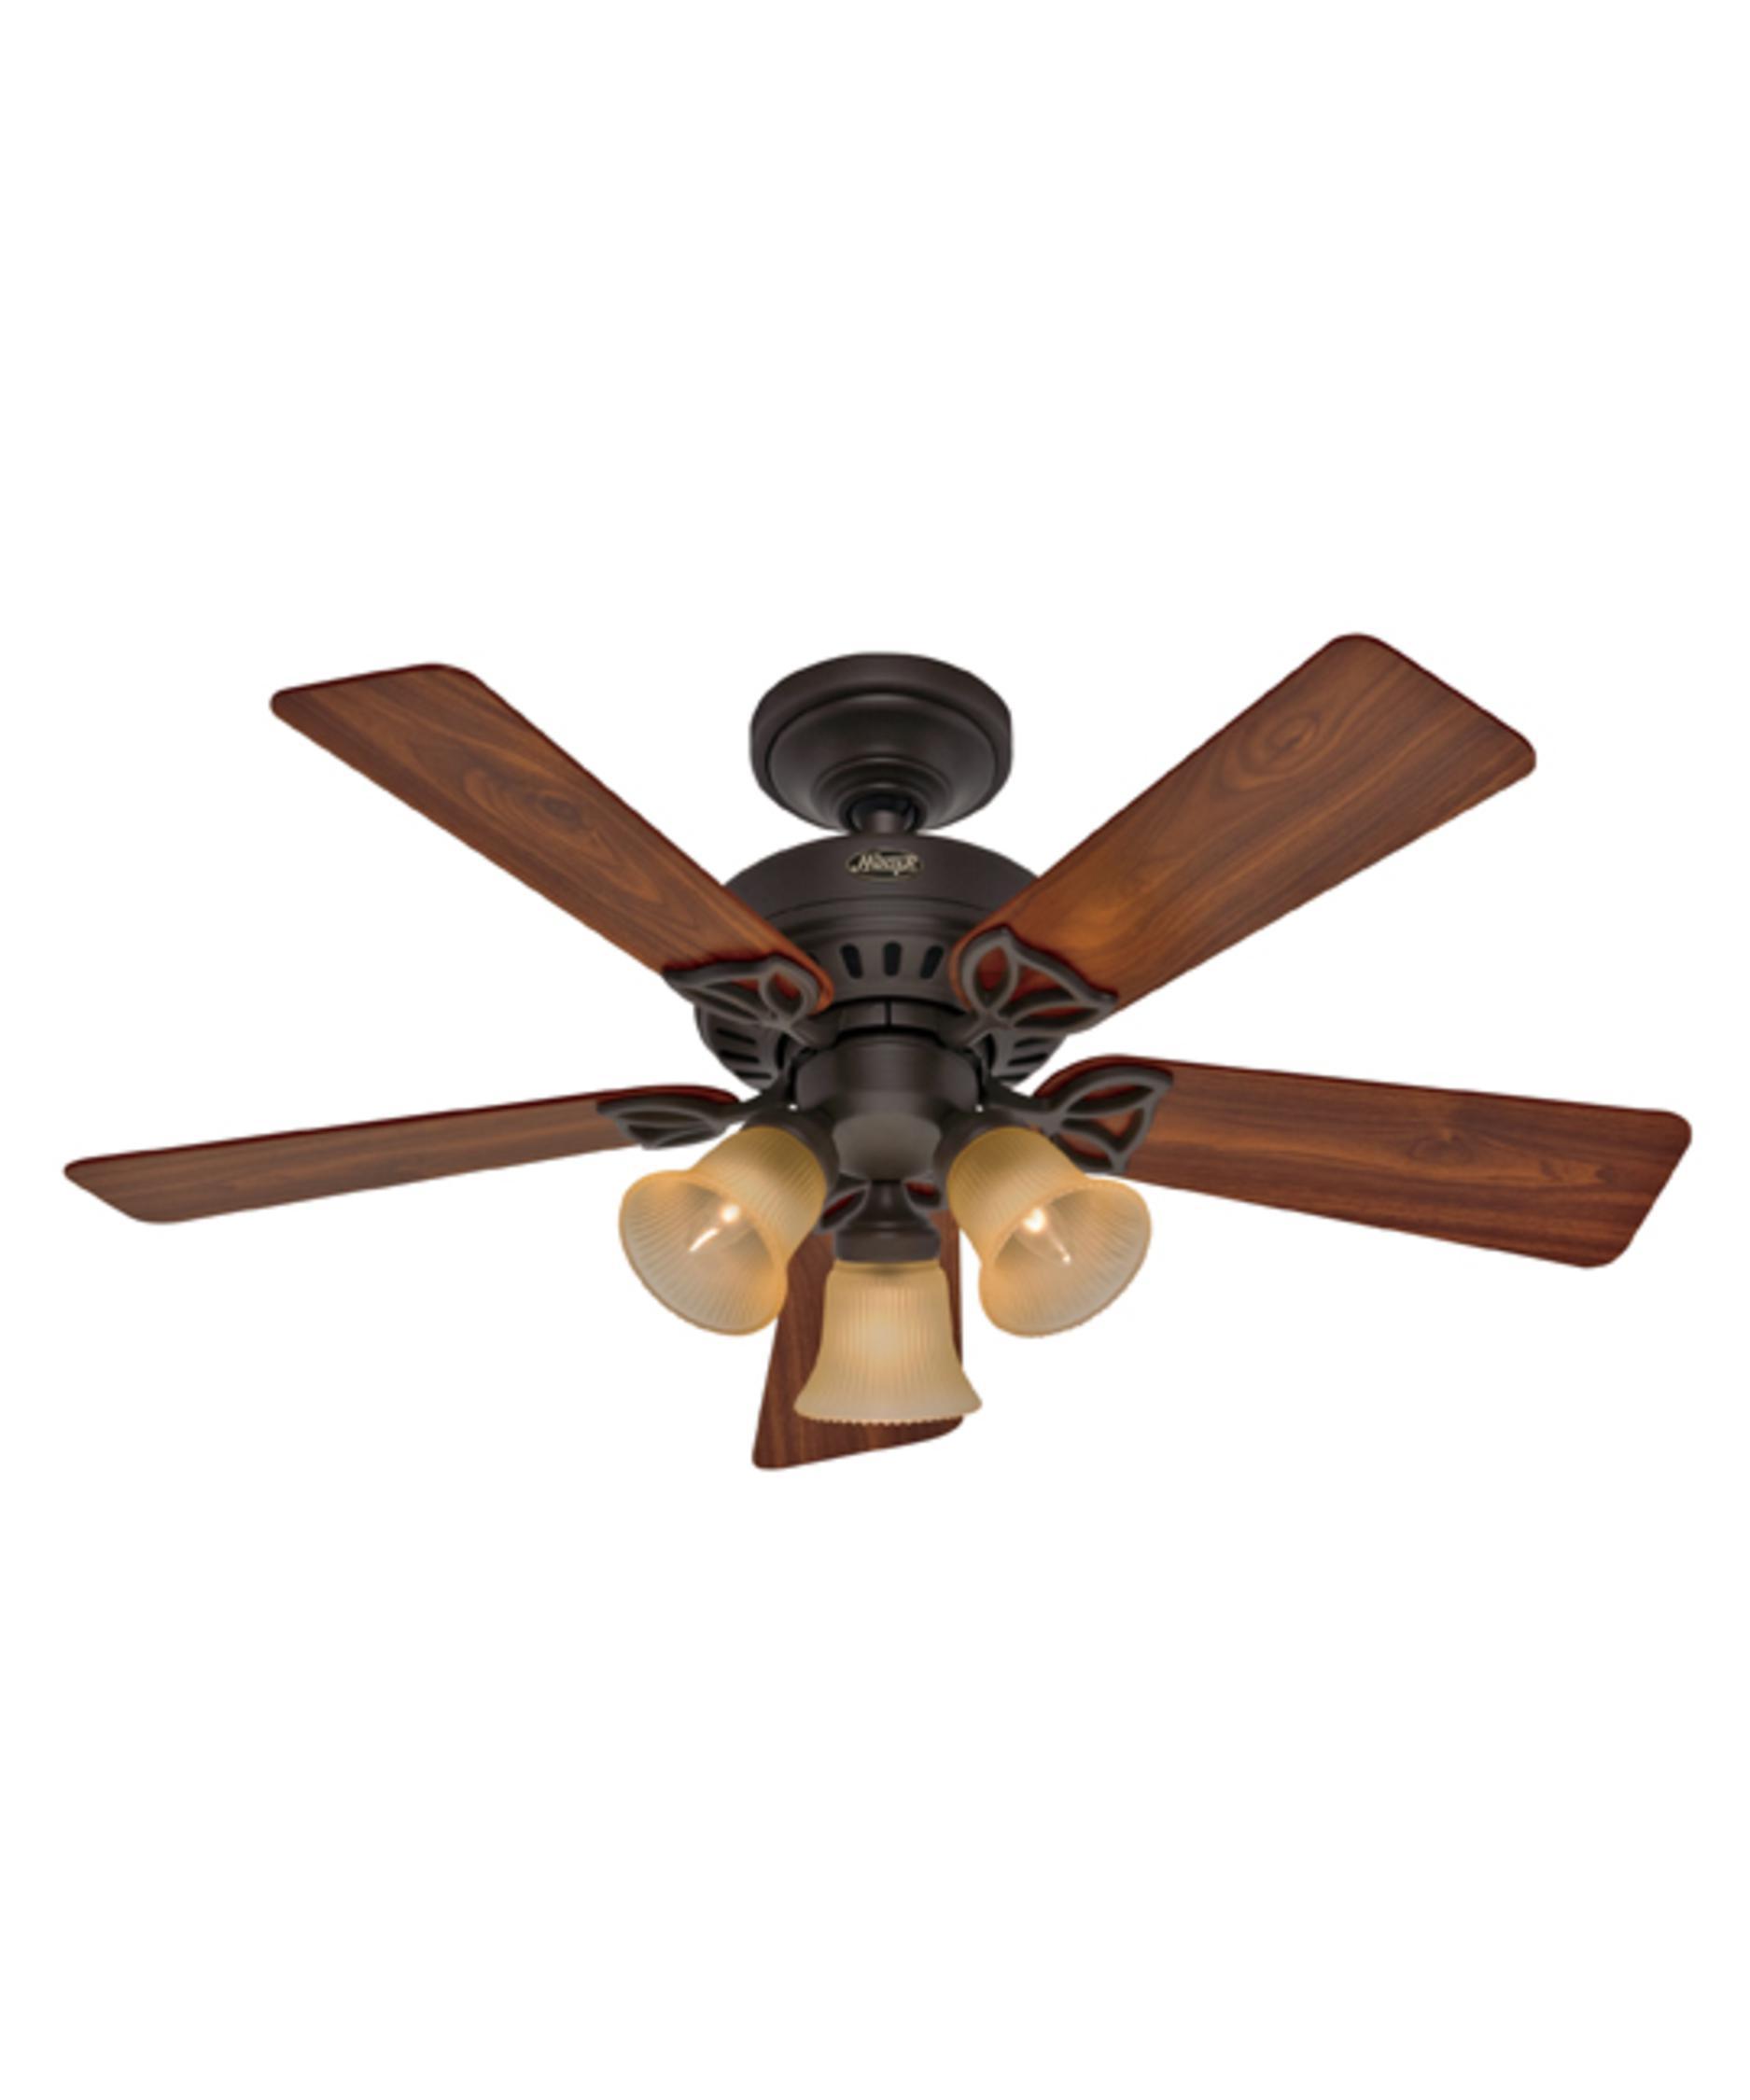 42 inch ceiling fan photo - 4